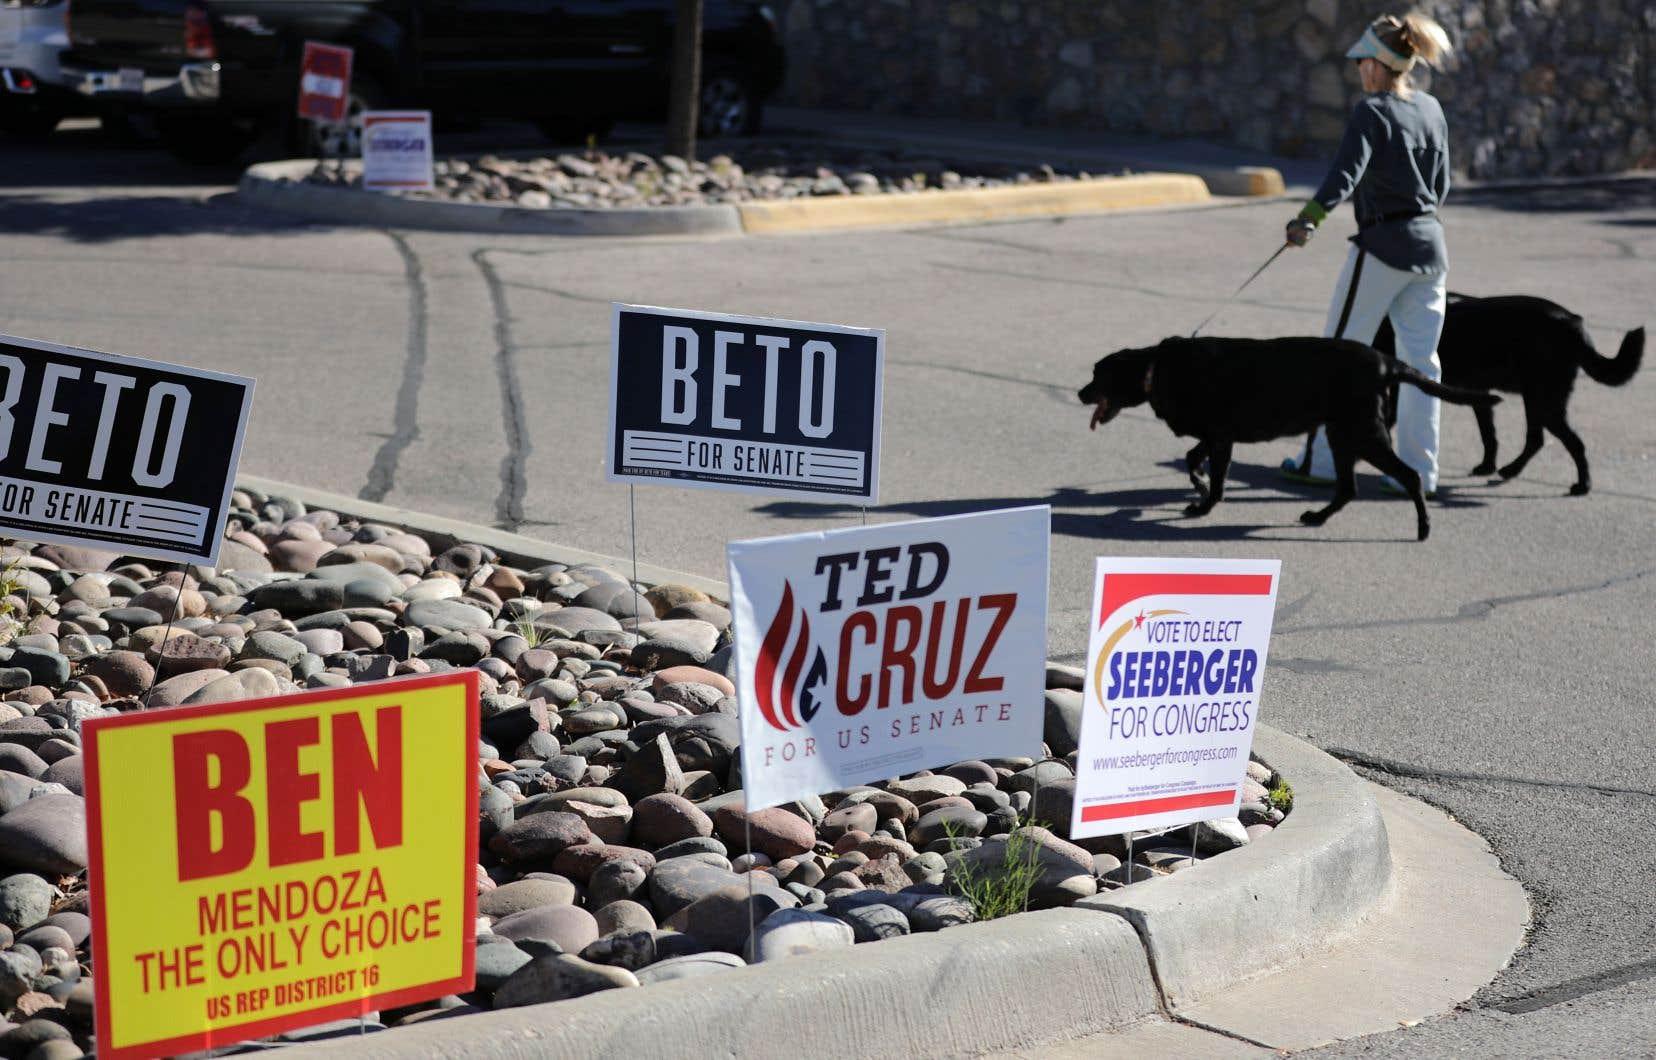 La victoire électorale a été très disputée au Texas entre le démocrate Beto O'Rourke et le républicain Ted Cruz.